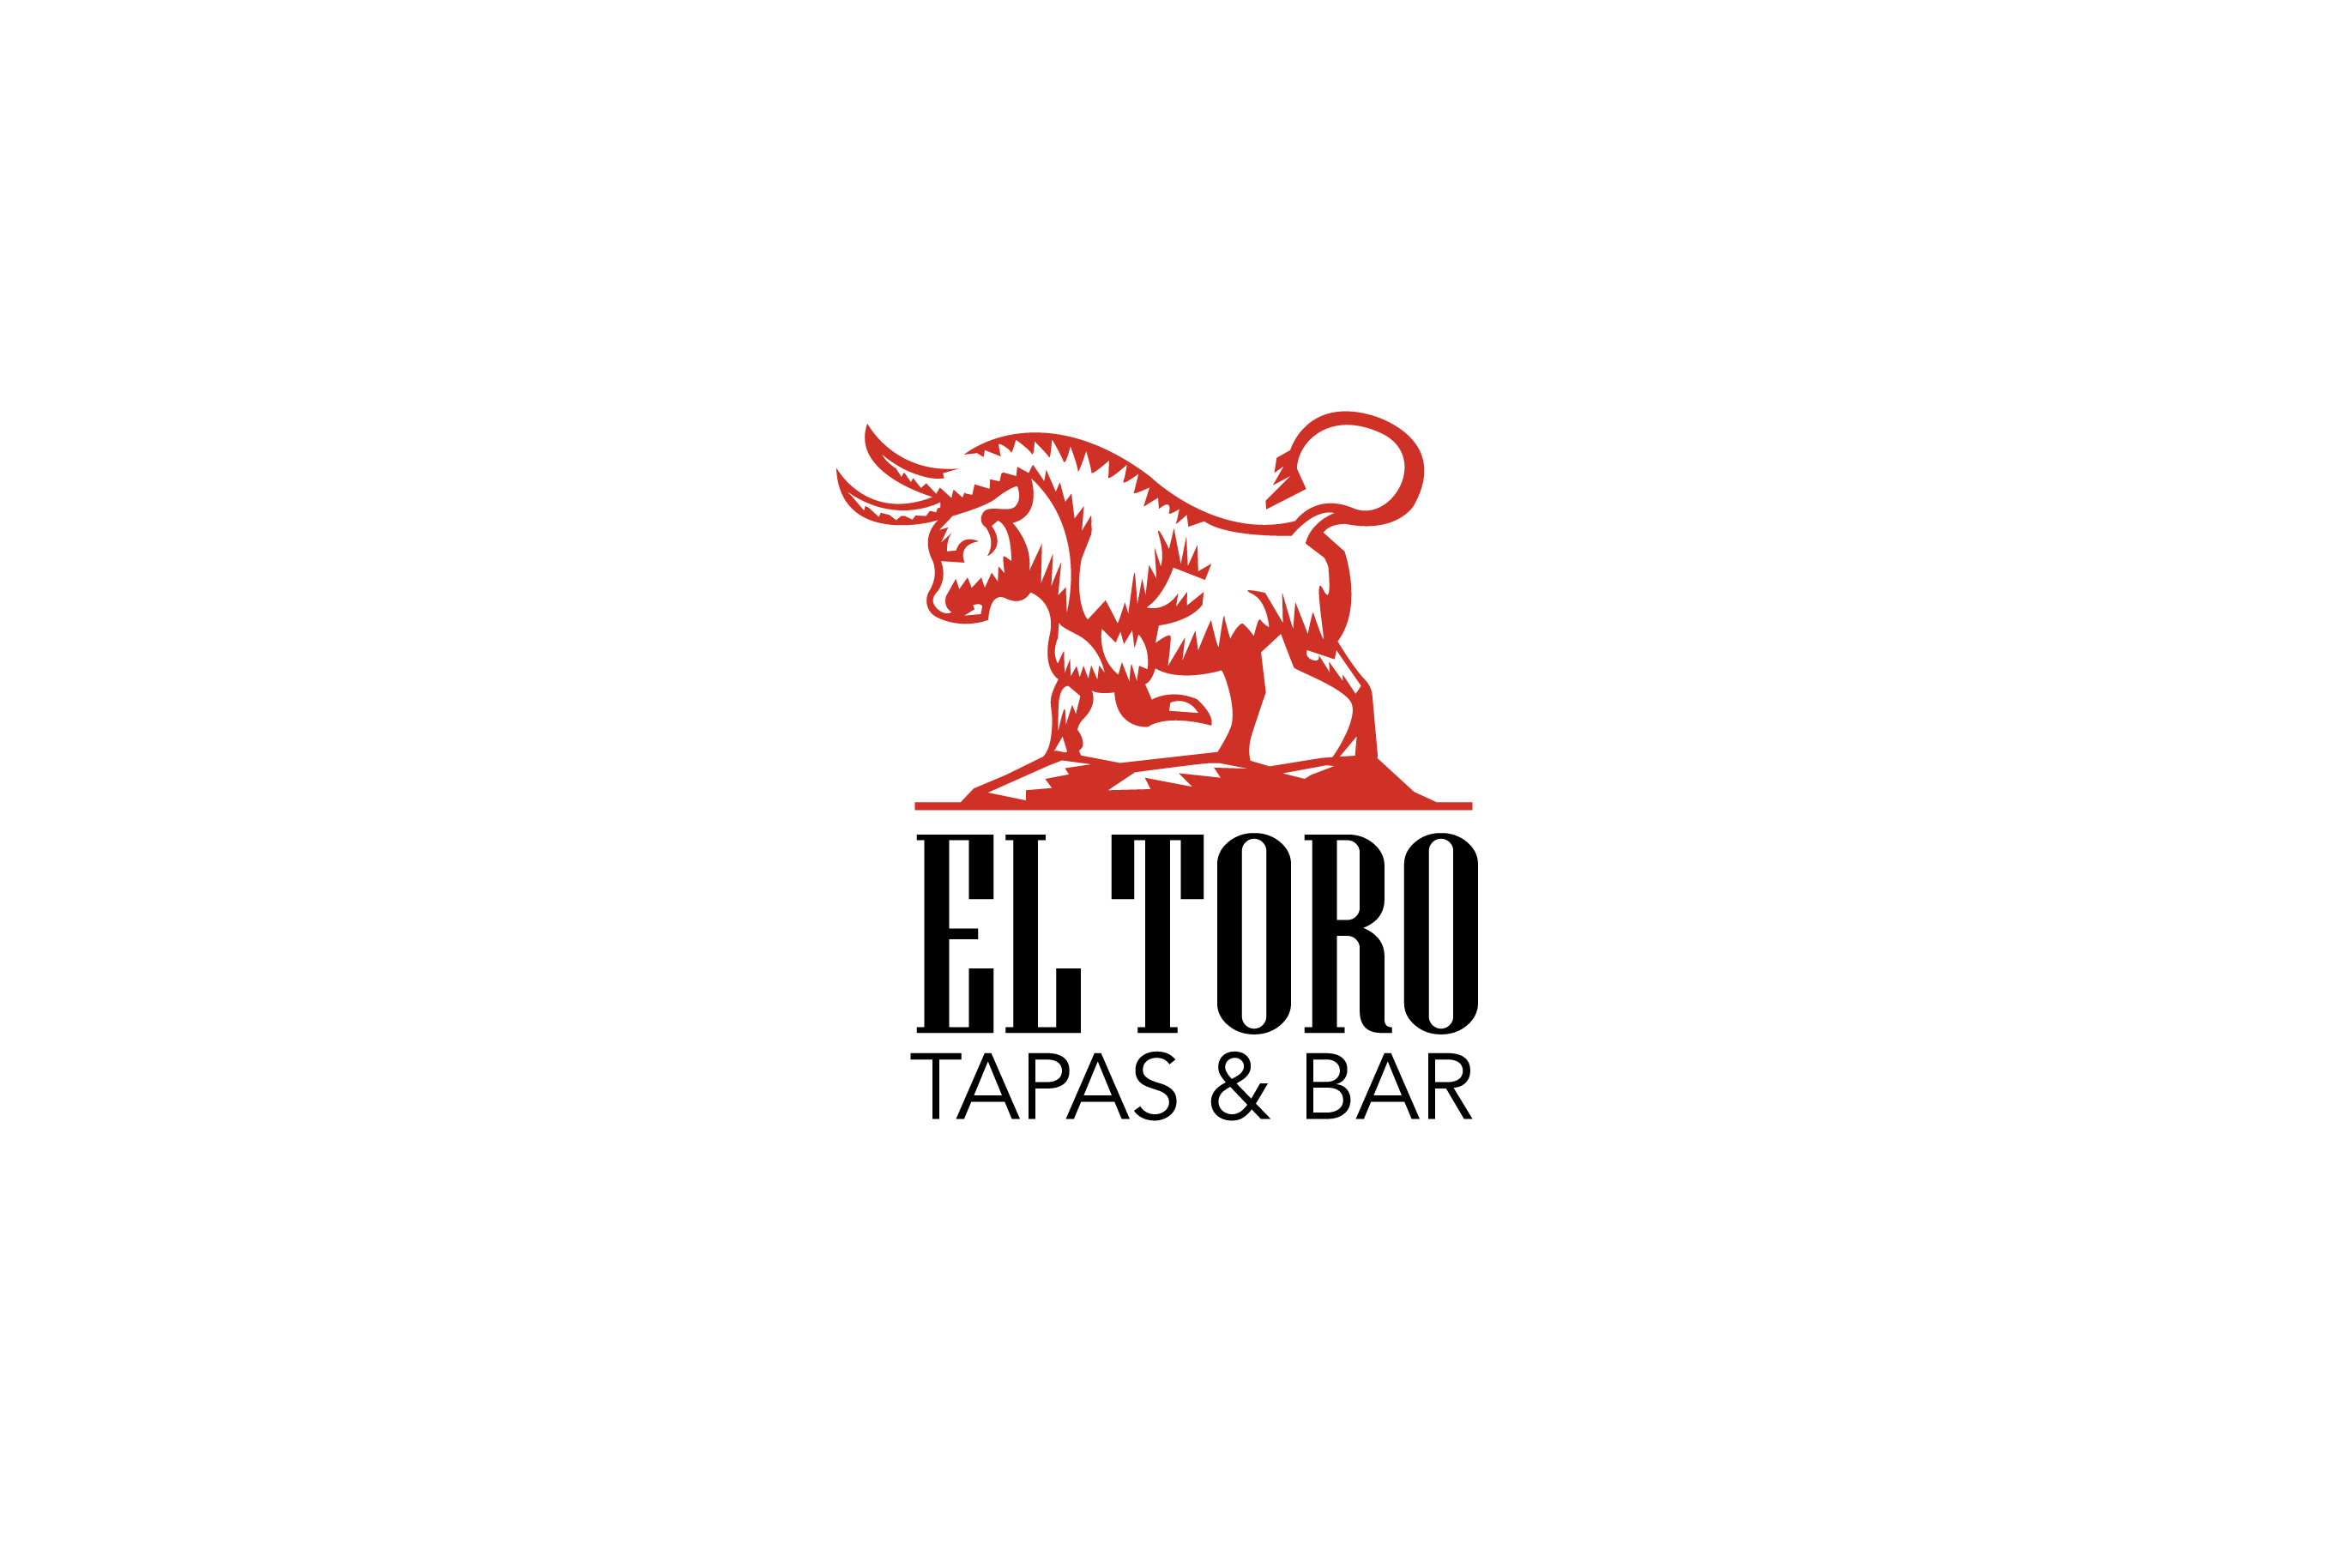 toro company logo. home\u003edesigned by gregory grigoriou\u003eel toro bull logo company